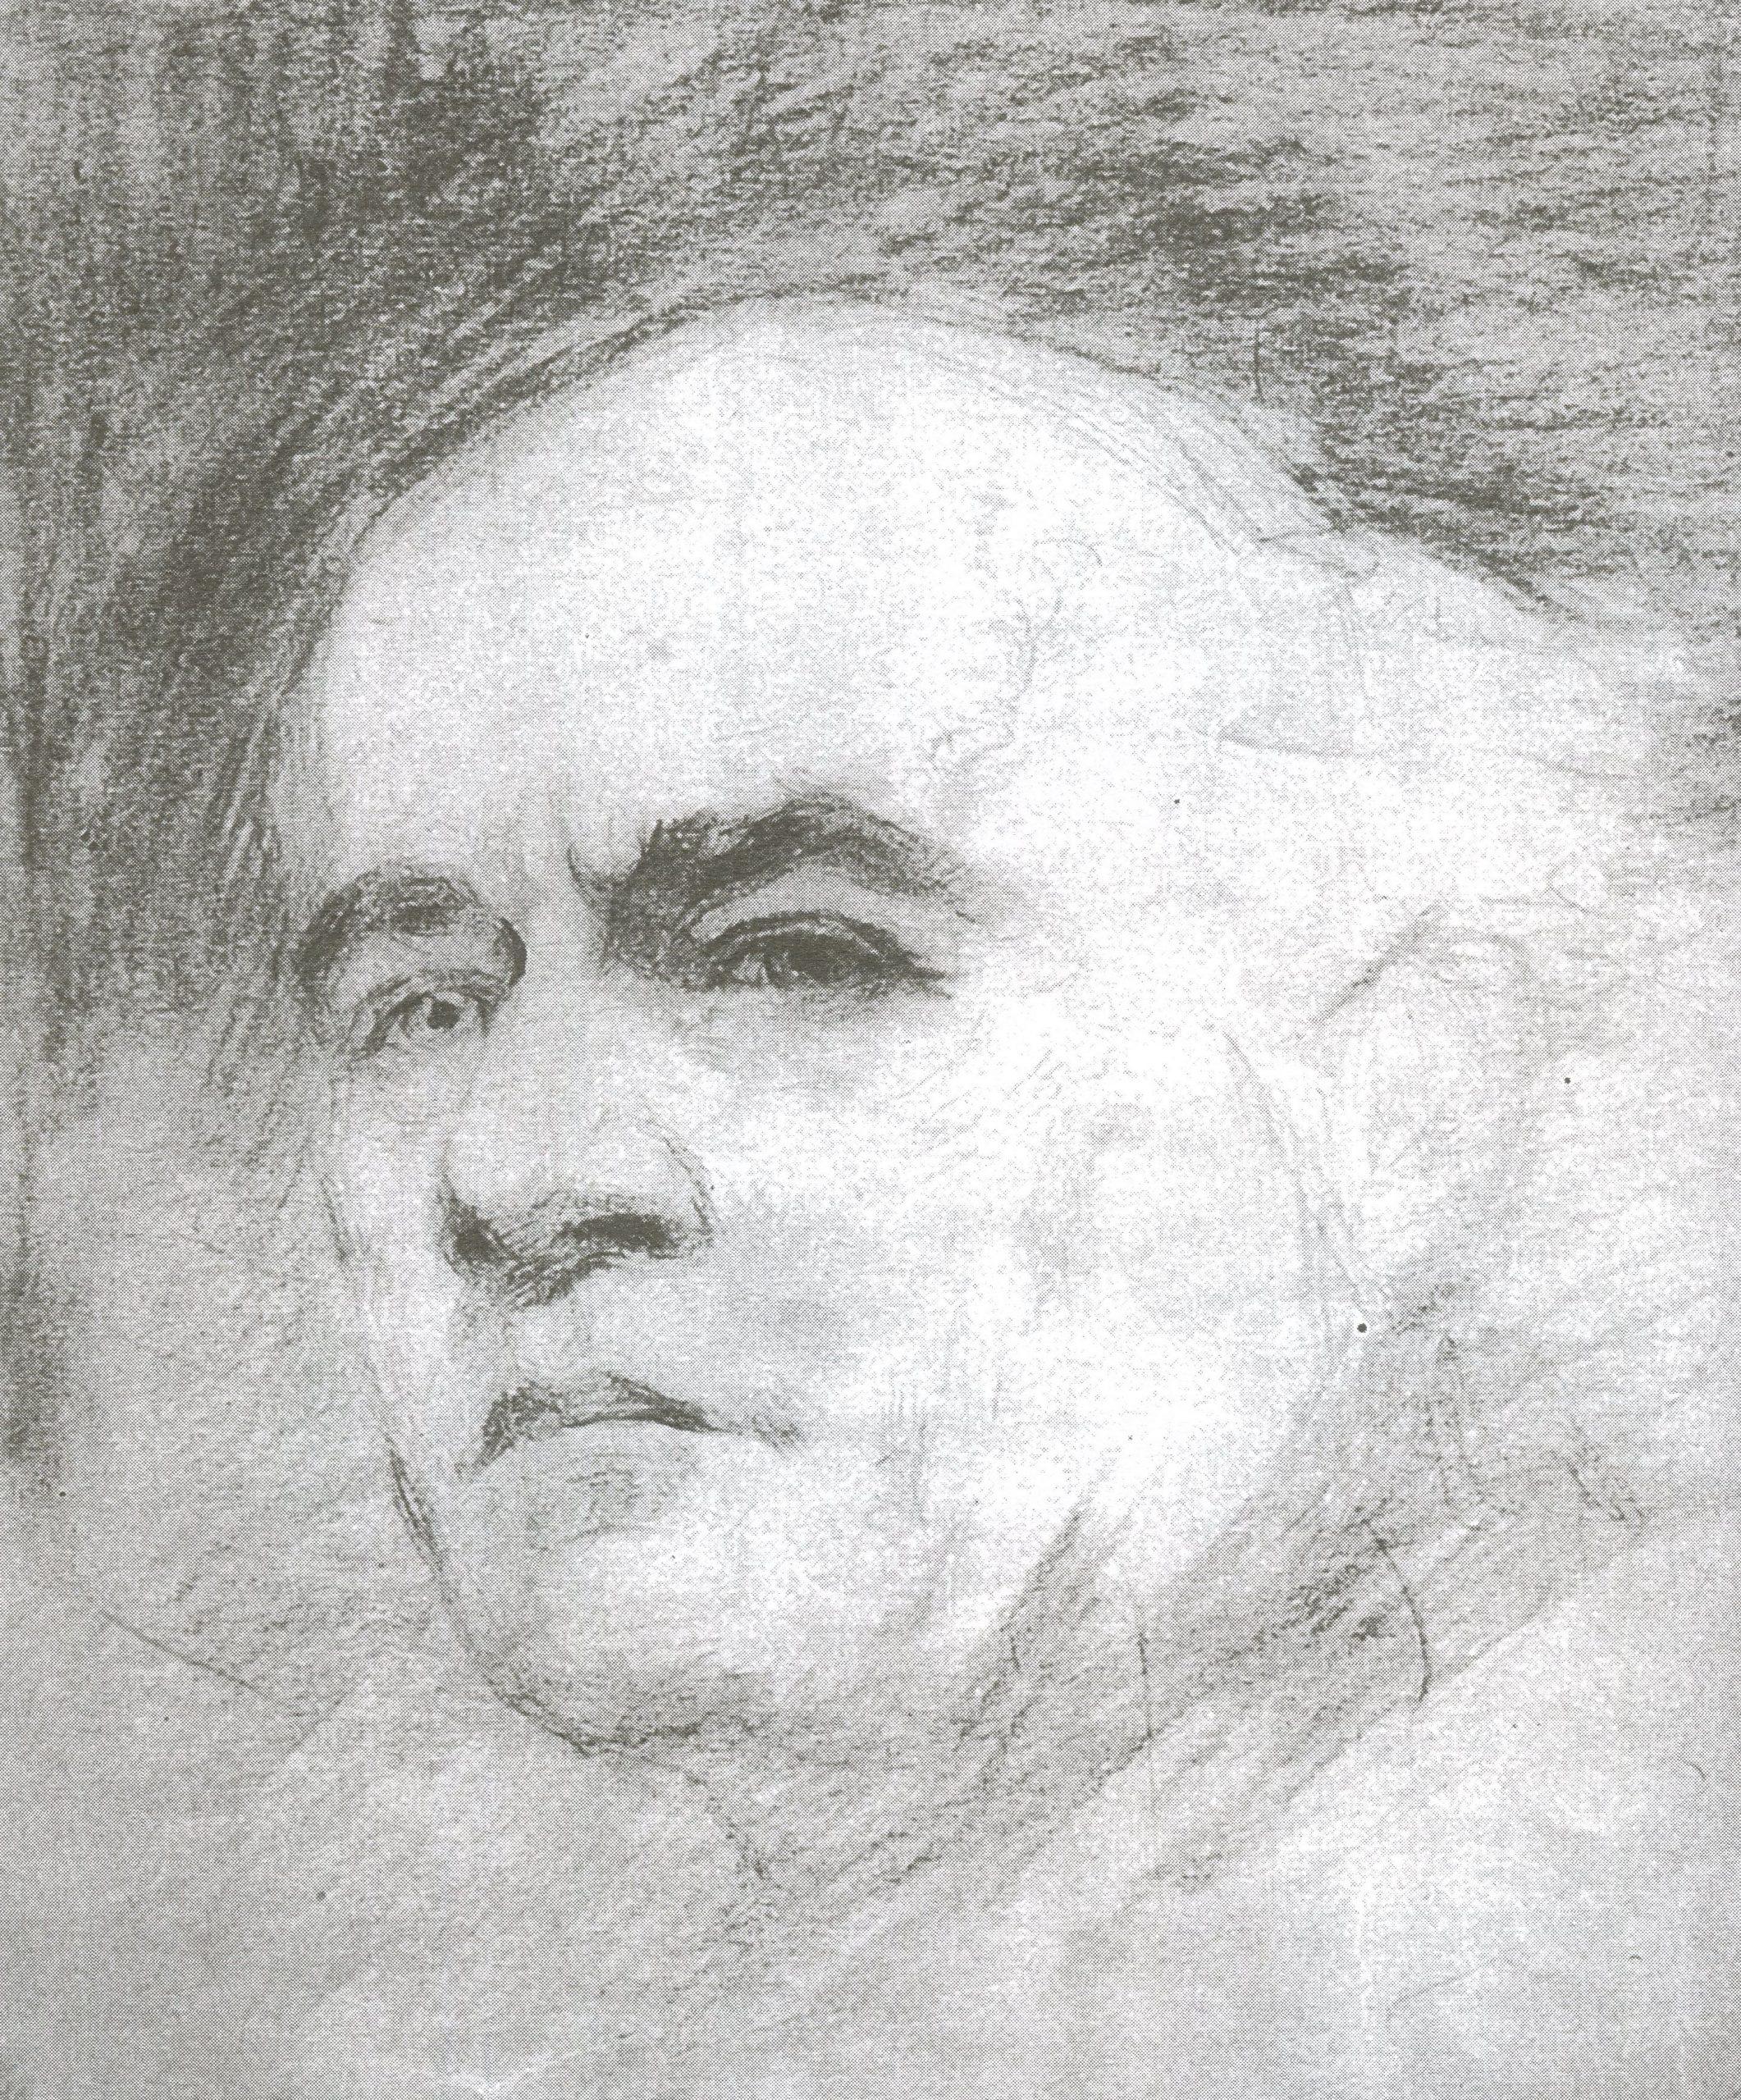 І.Літинський. Автопортрет (ескіз-замальовка)